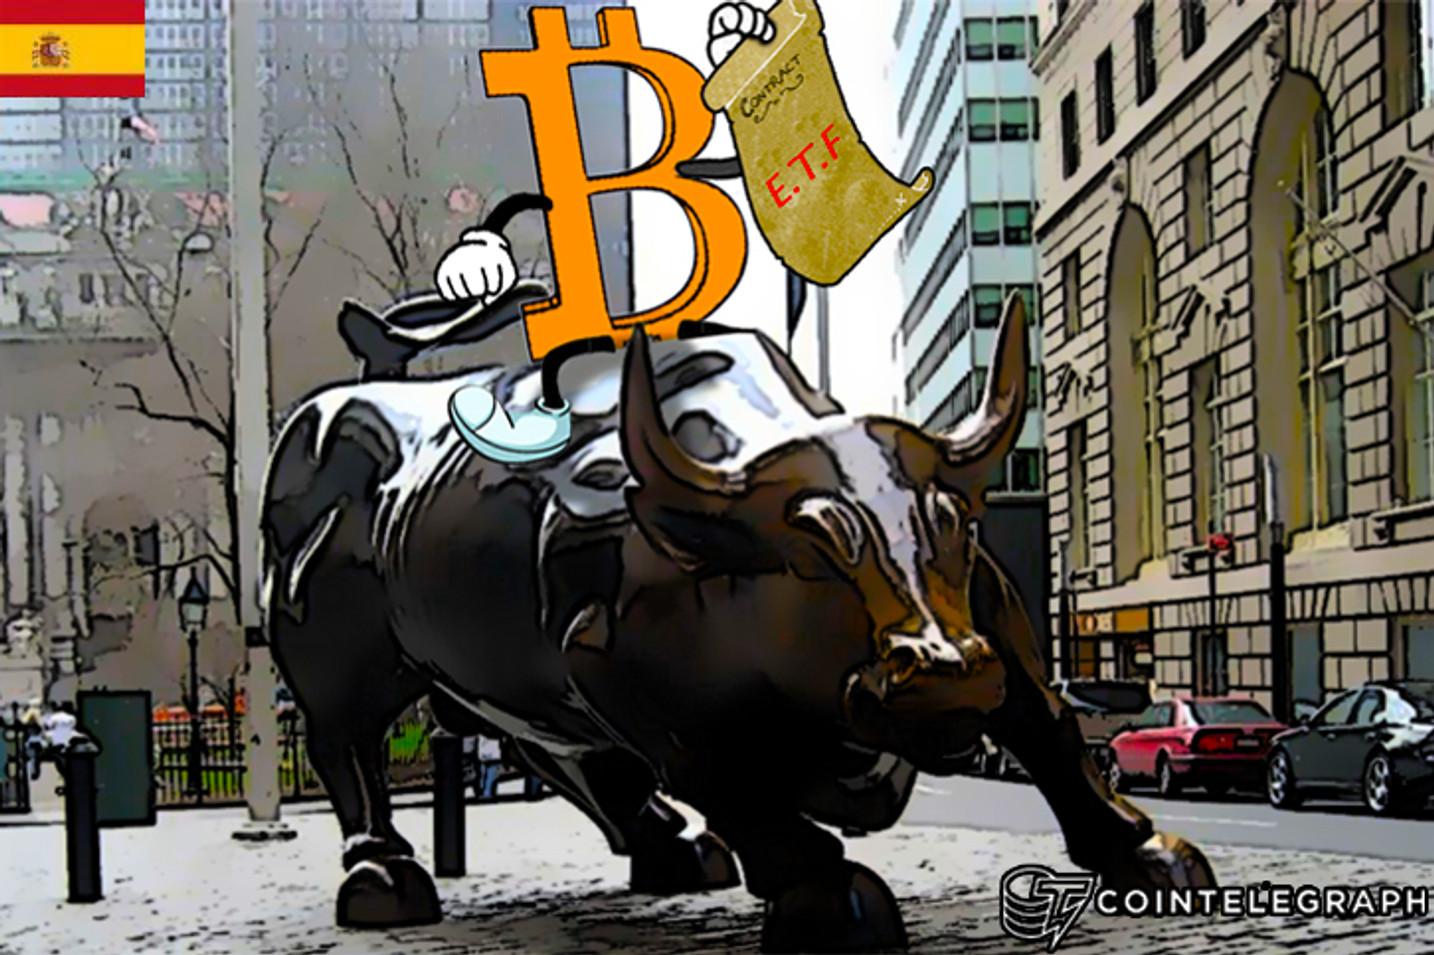 Bitcoin podría alcanzar los 3.000$ antes de abril si se aprueba el ETF